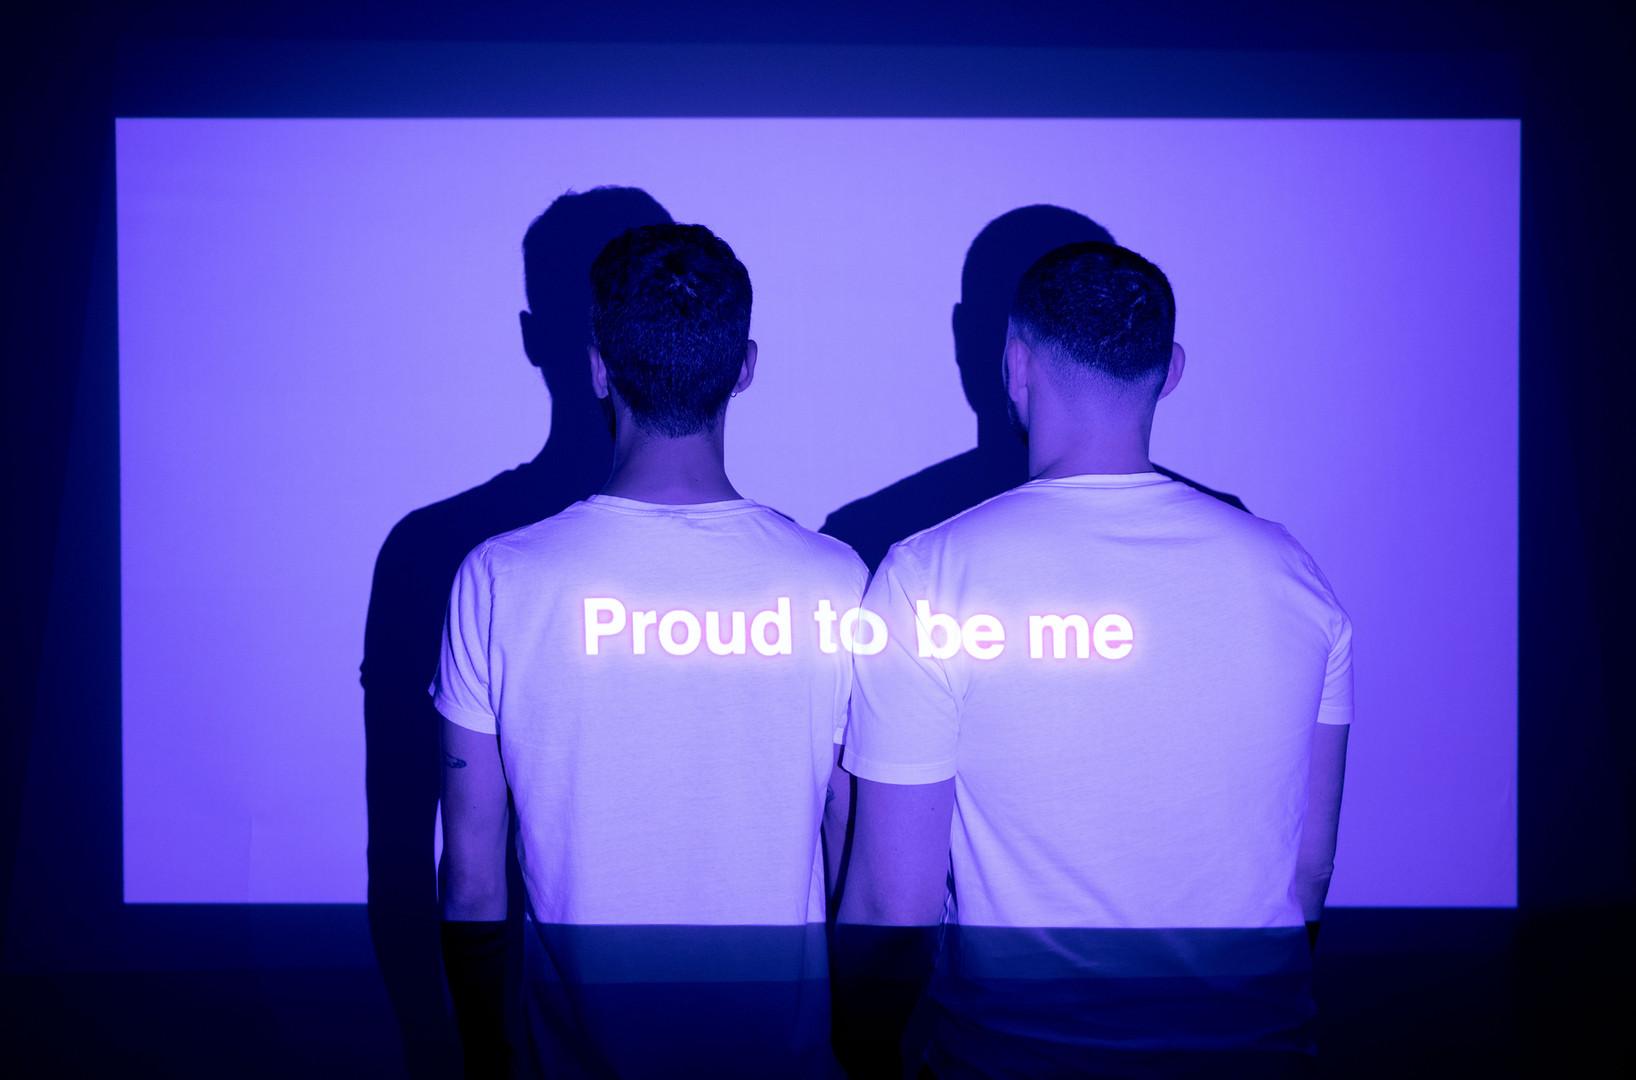 ProudME campaign